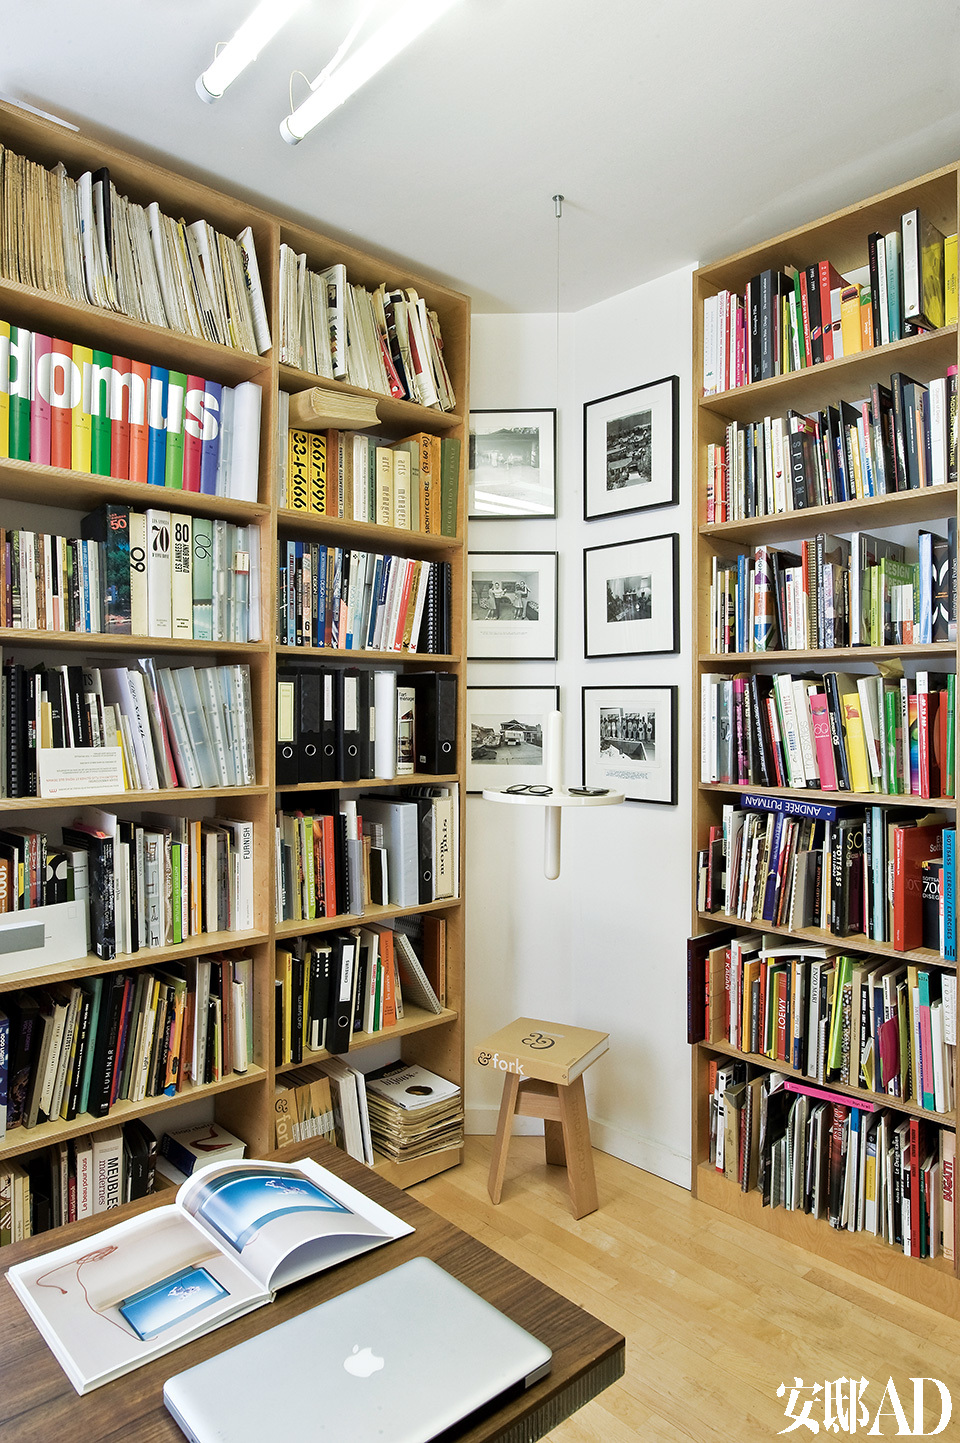 书房中当代艺术家和家具设计师的著作汗牛充栋,大书架来自Martin Szekely,黑白照片的拍摄者是Bill Owens,小凳子和UFO迷你桌来自Pierre Charpin。